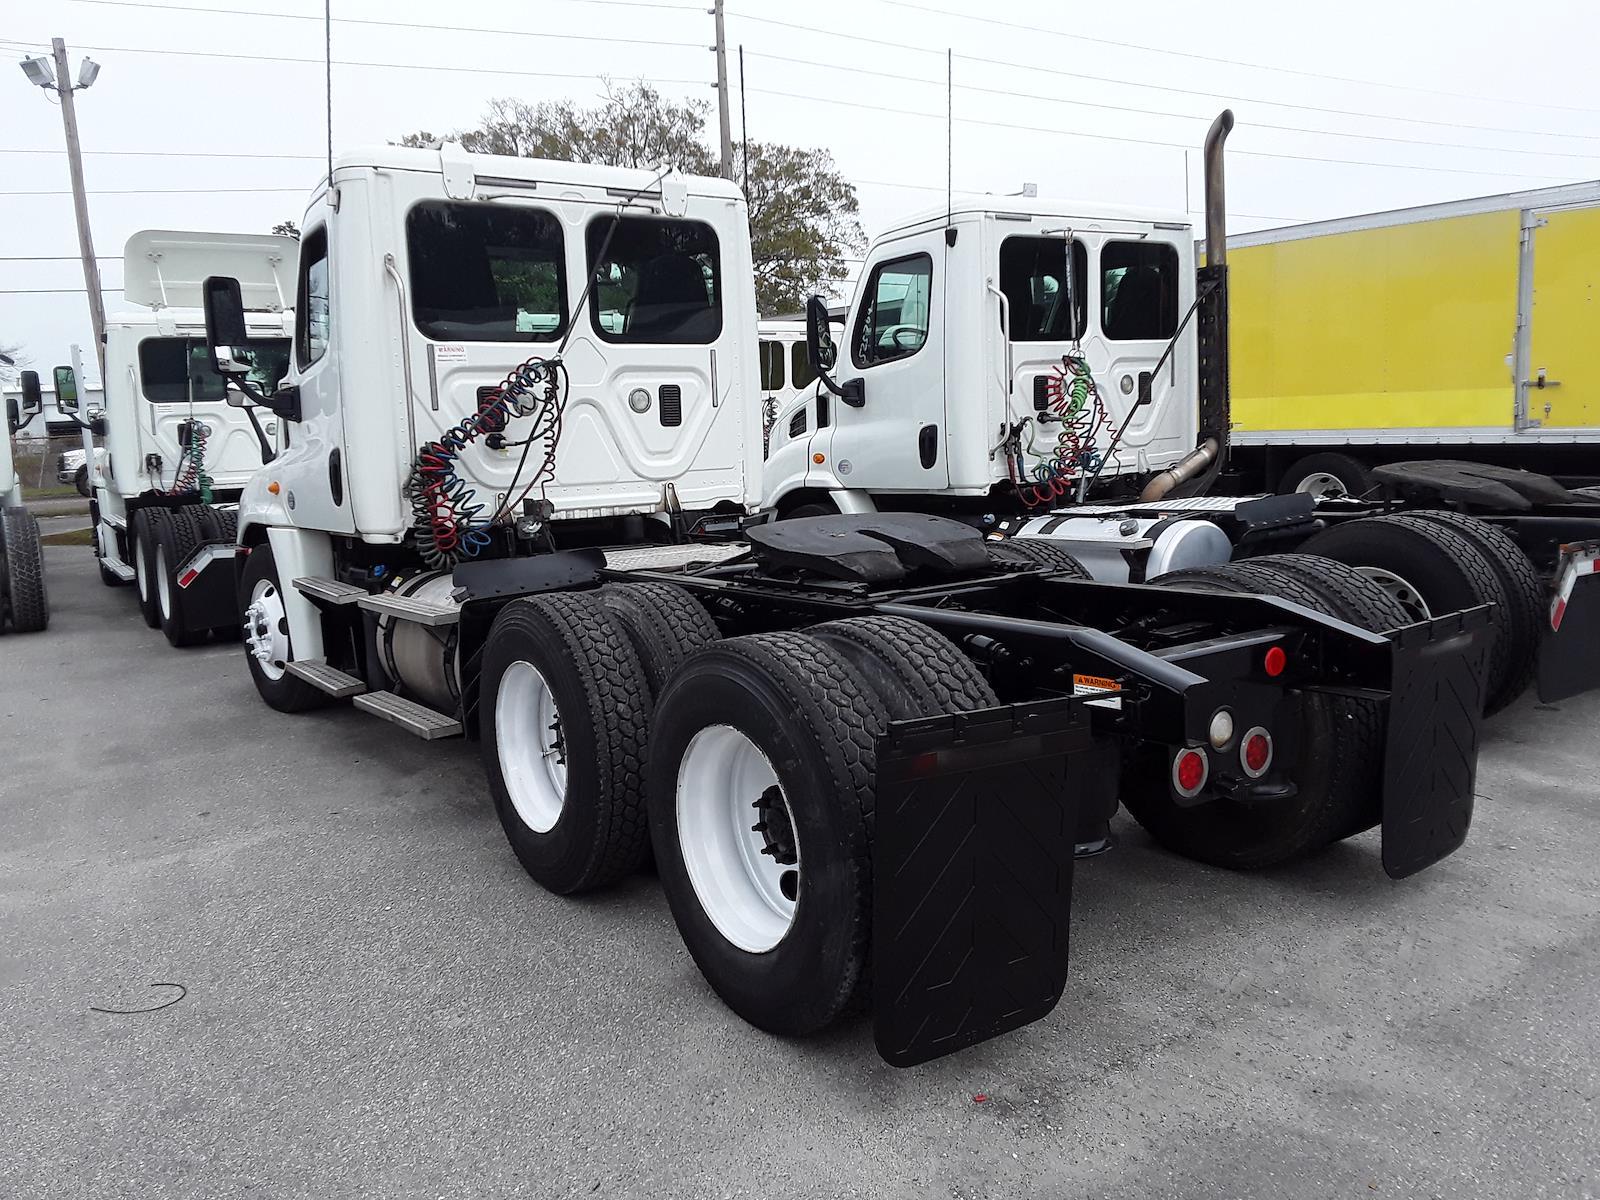 2014 Freightliner Truck 6x4, Tractor #552805 - photo 1